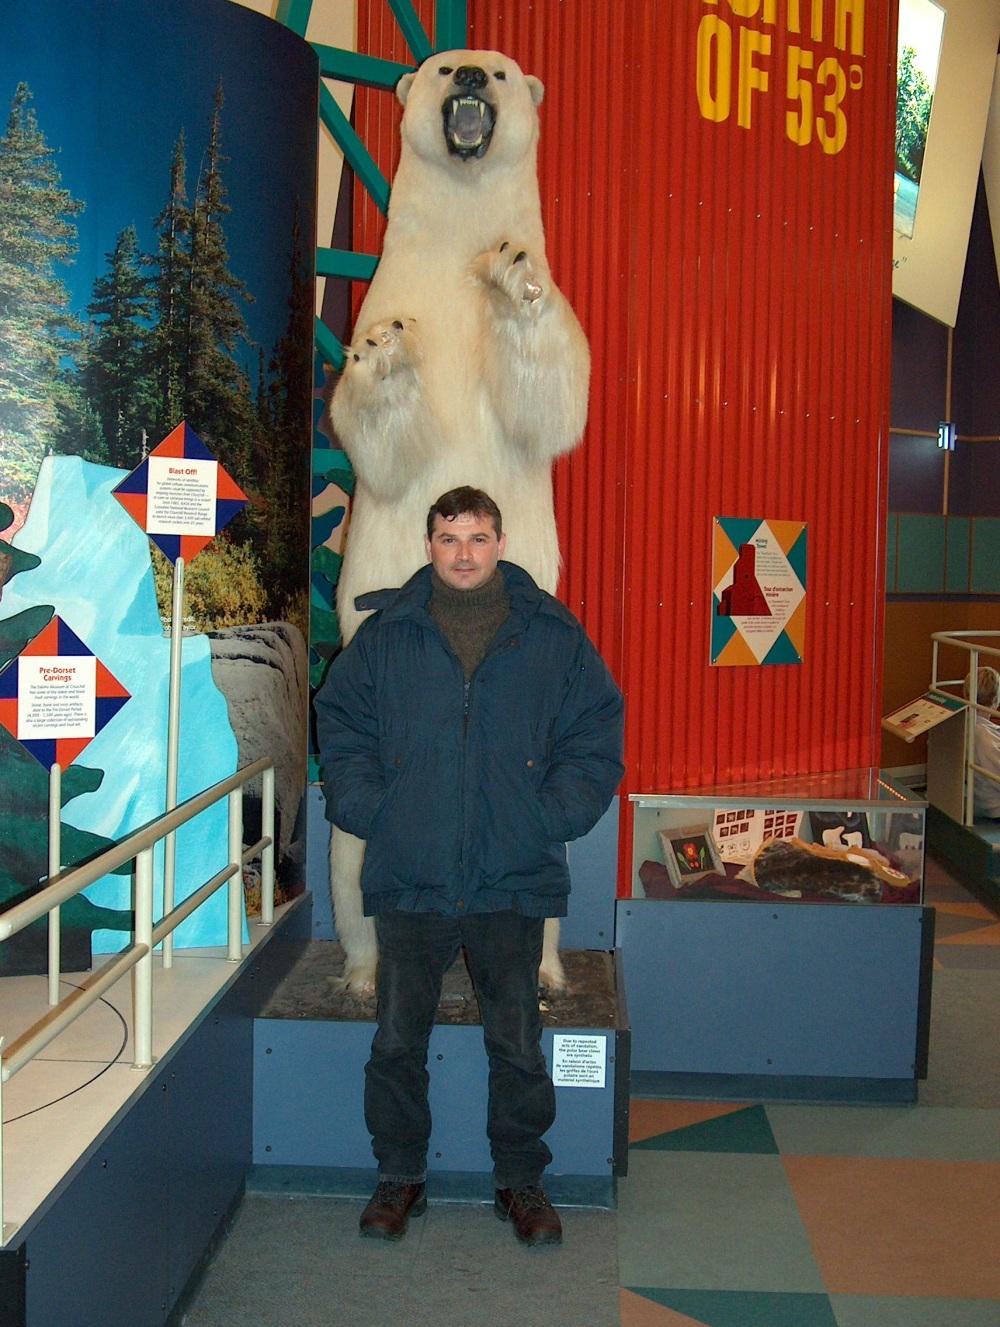 Фотографии Виннипега. Форкз, центр информации для туристов.